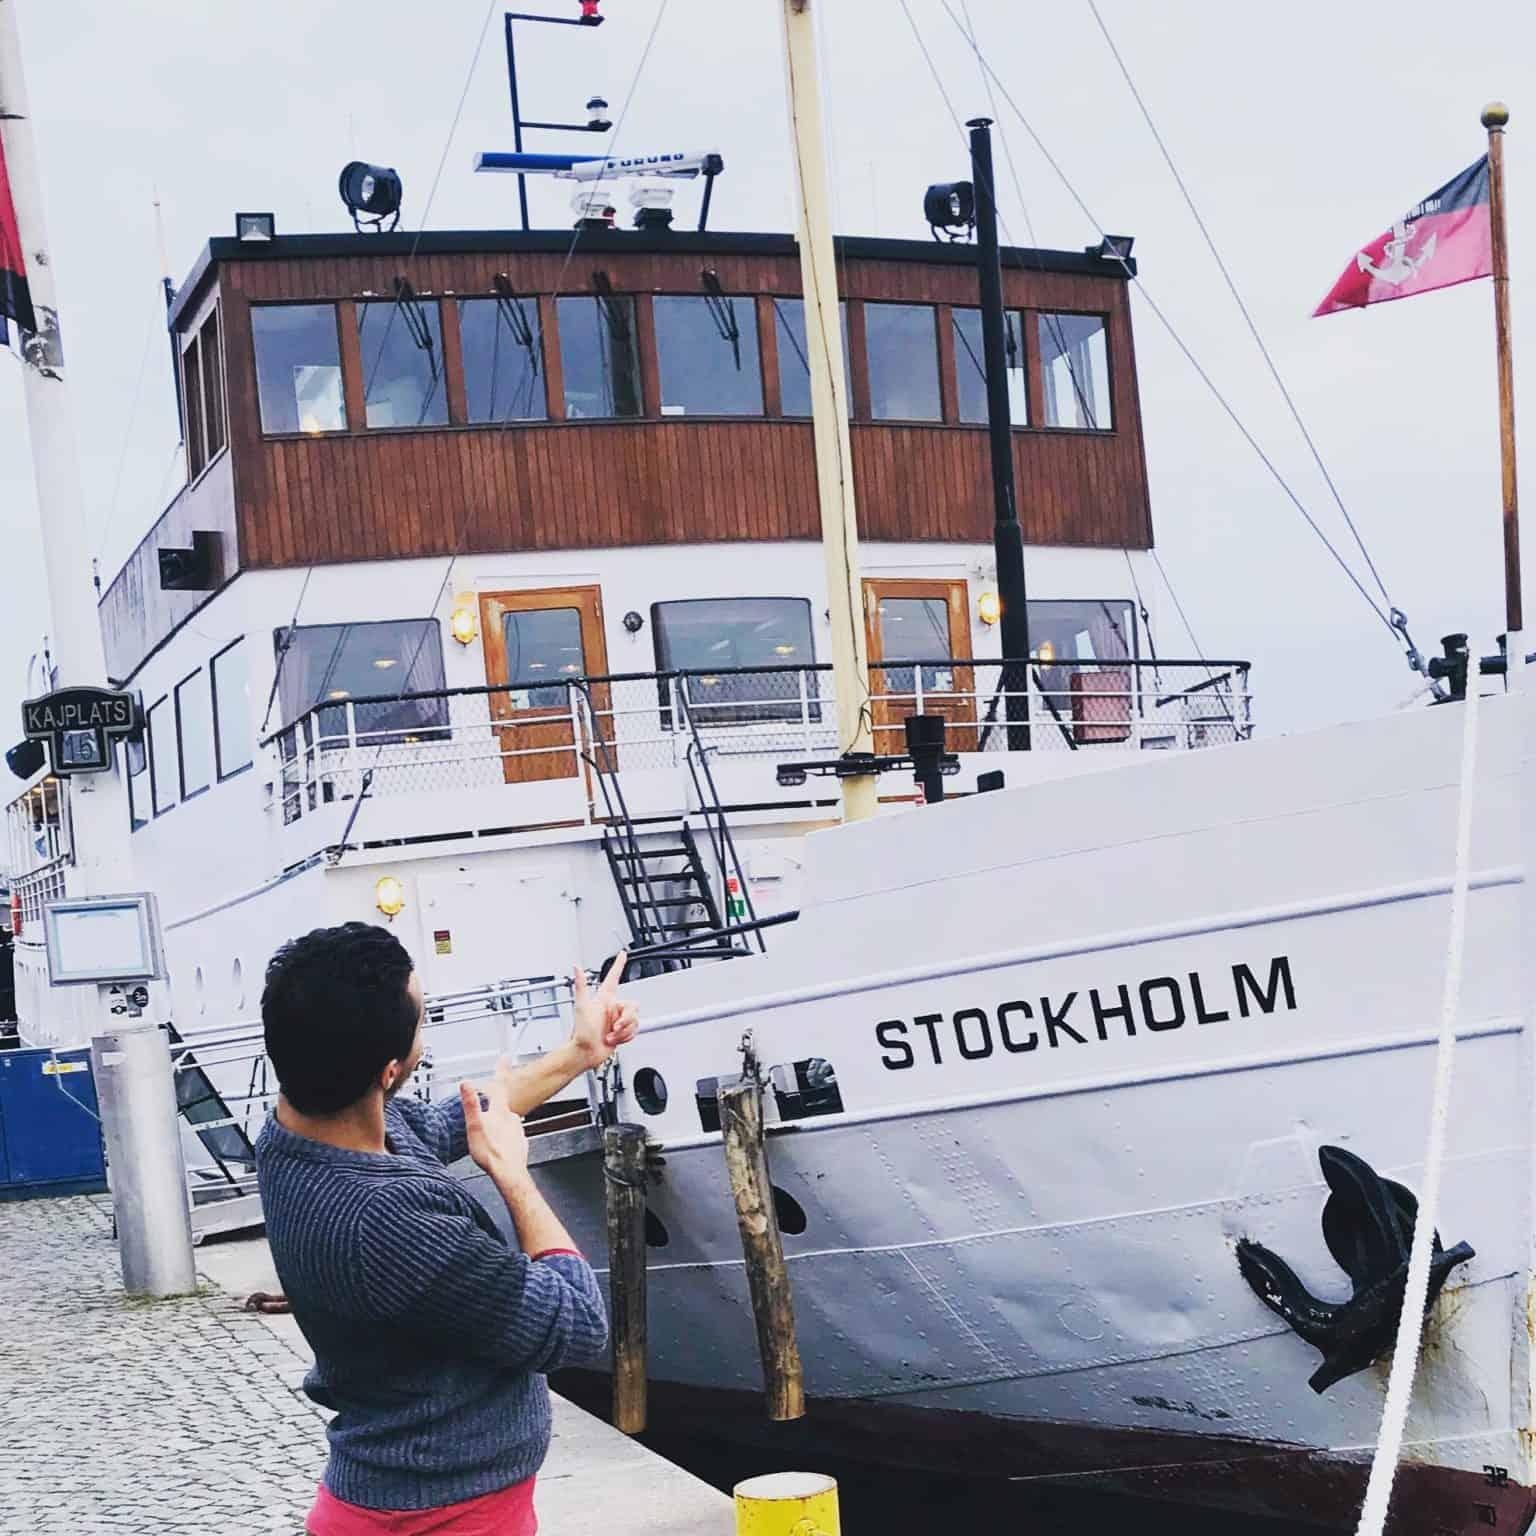 Walking Tour in Stockholm